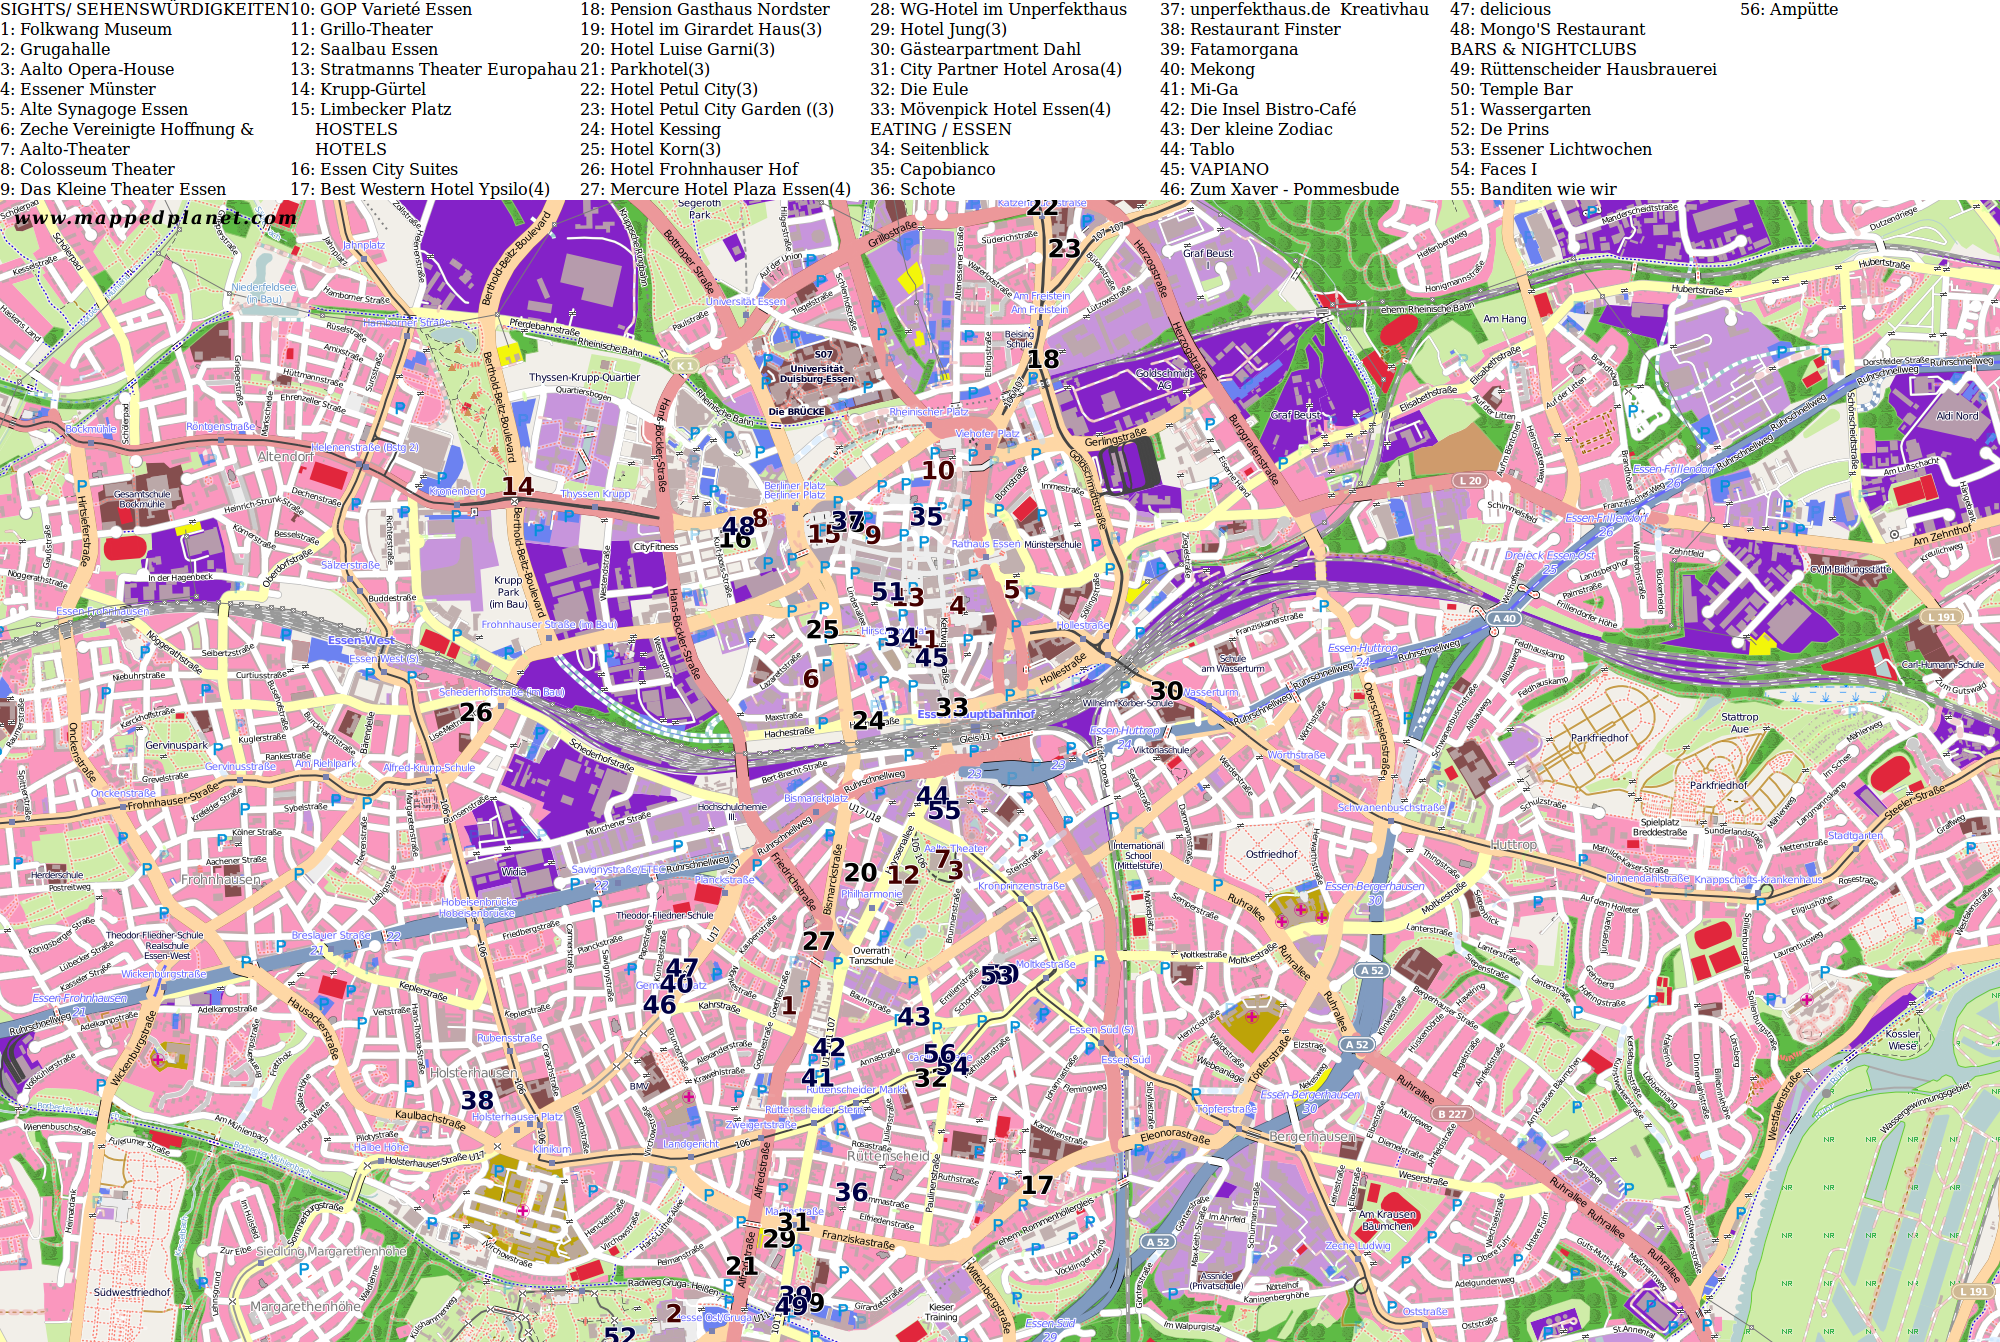 Karte Essen.Karten Und Stadtpläne Essen